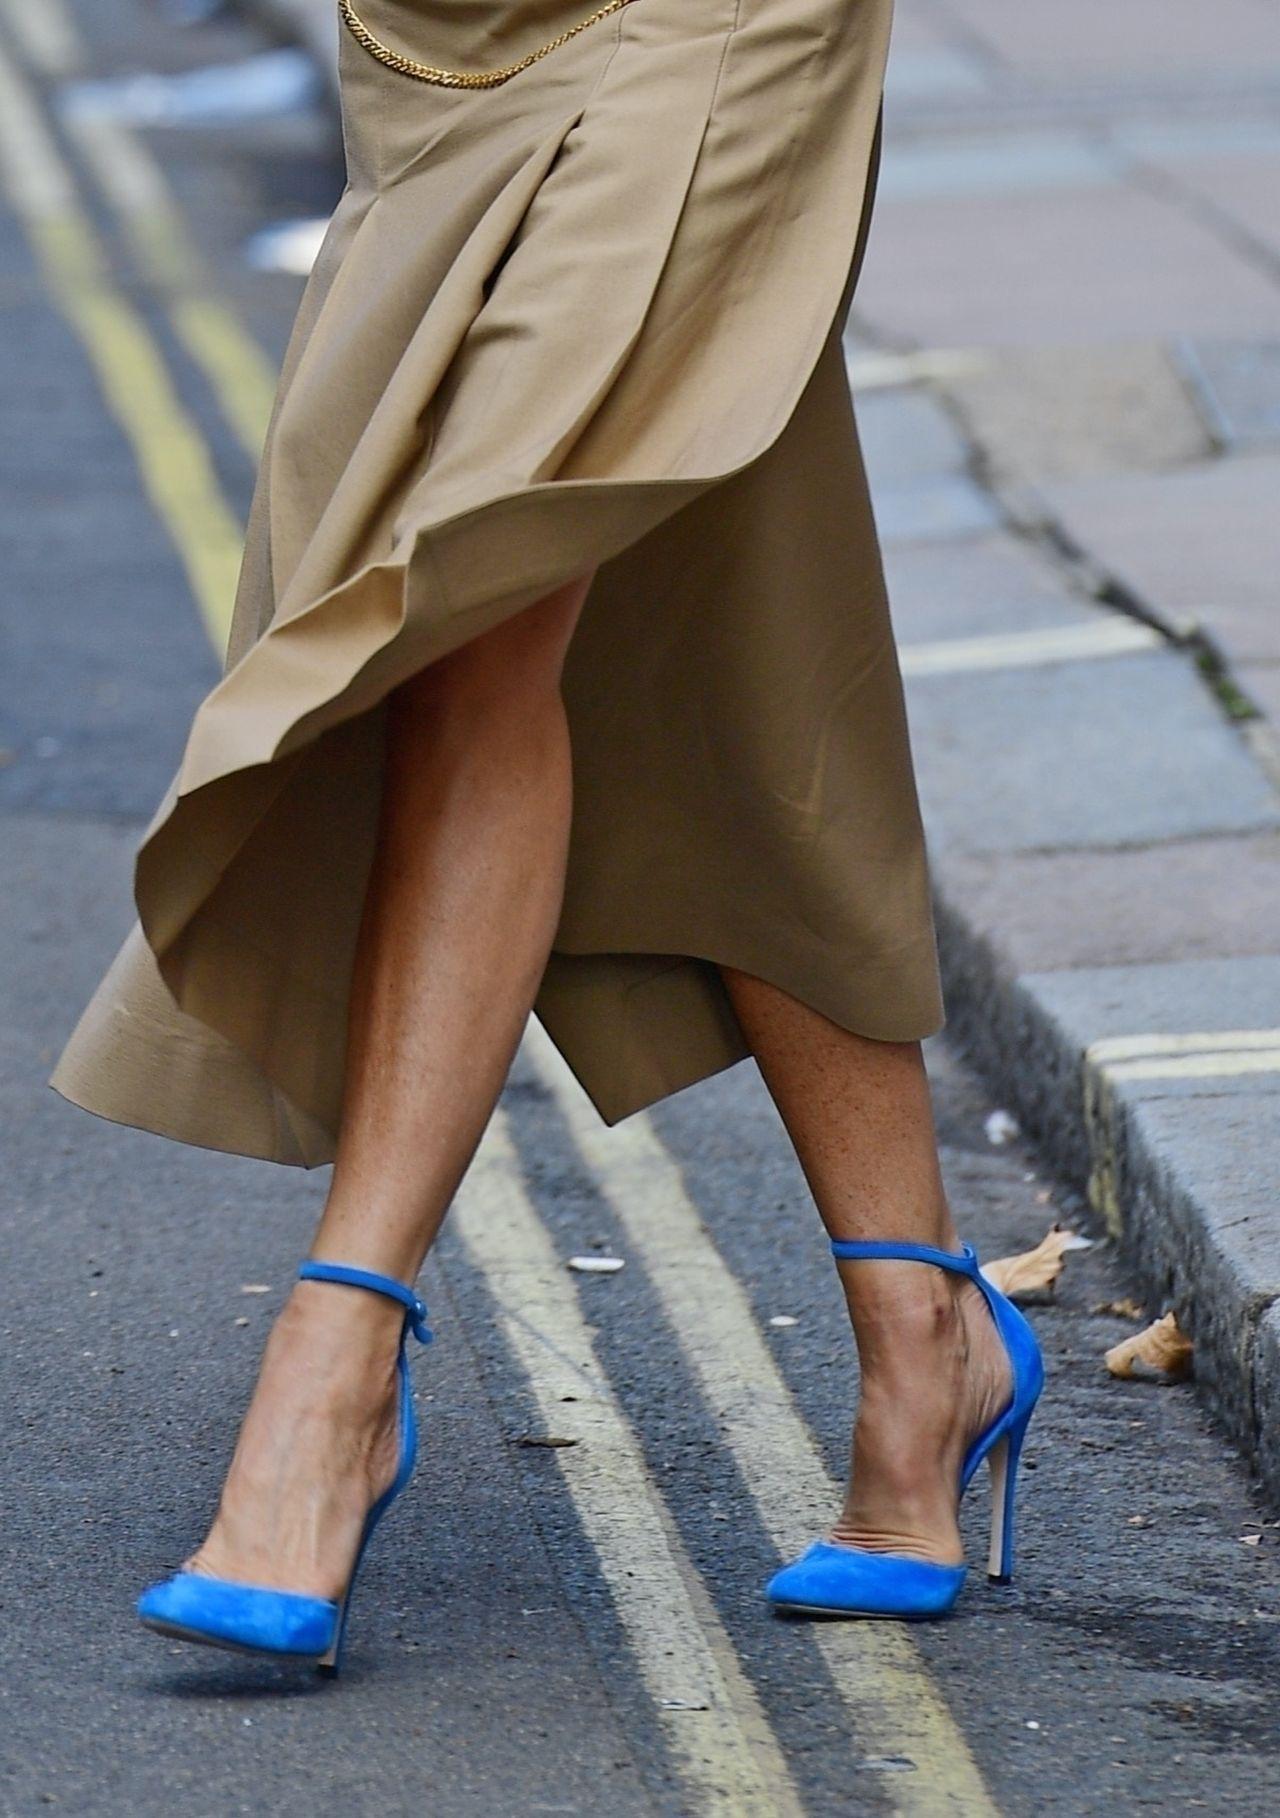 Victoria Beckham założyła niebieskie szpilki